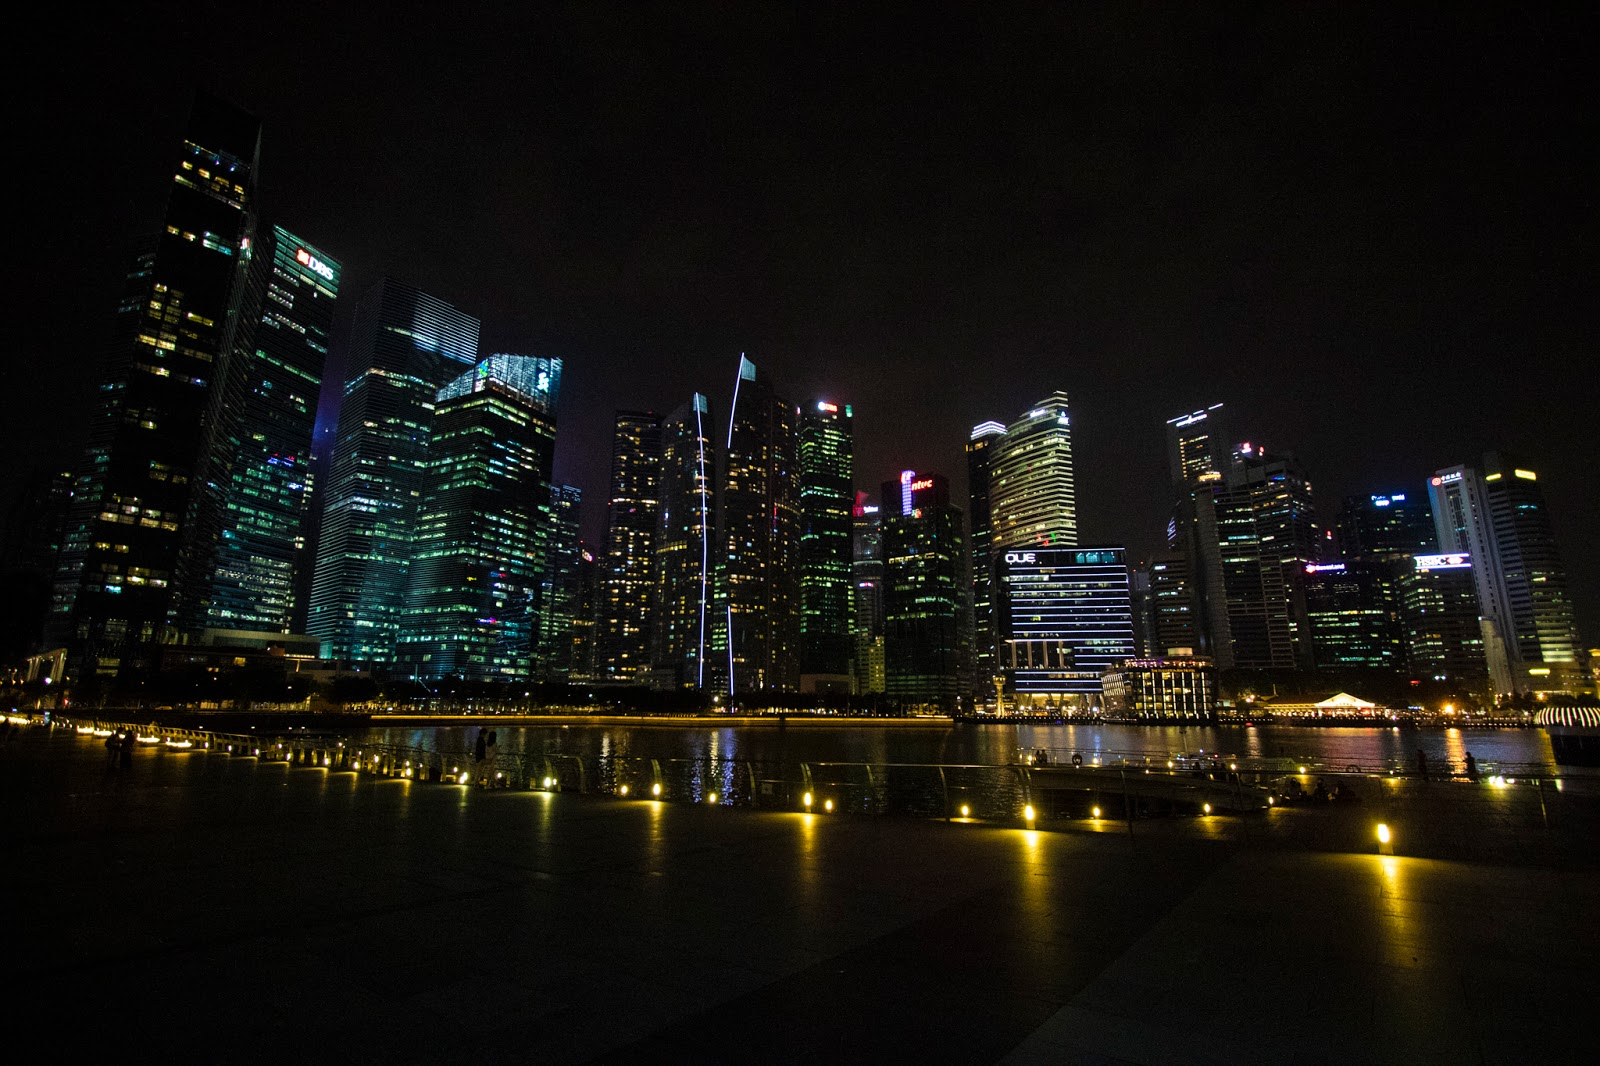 Singapore: diario di viaggio, primo giorno